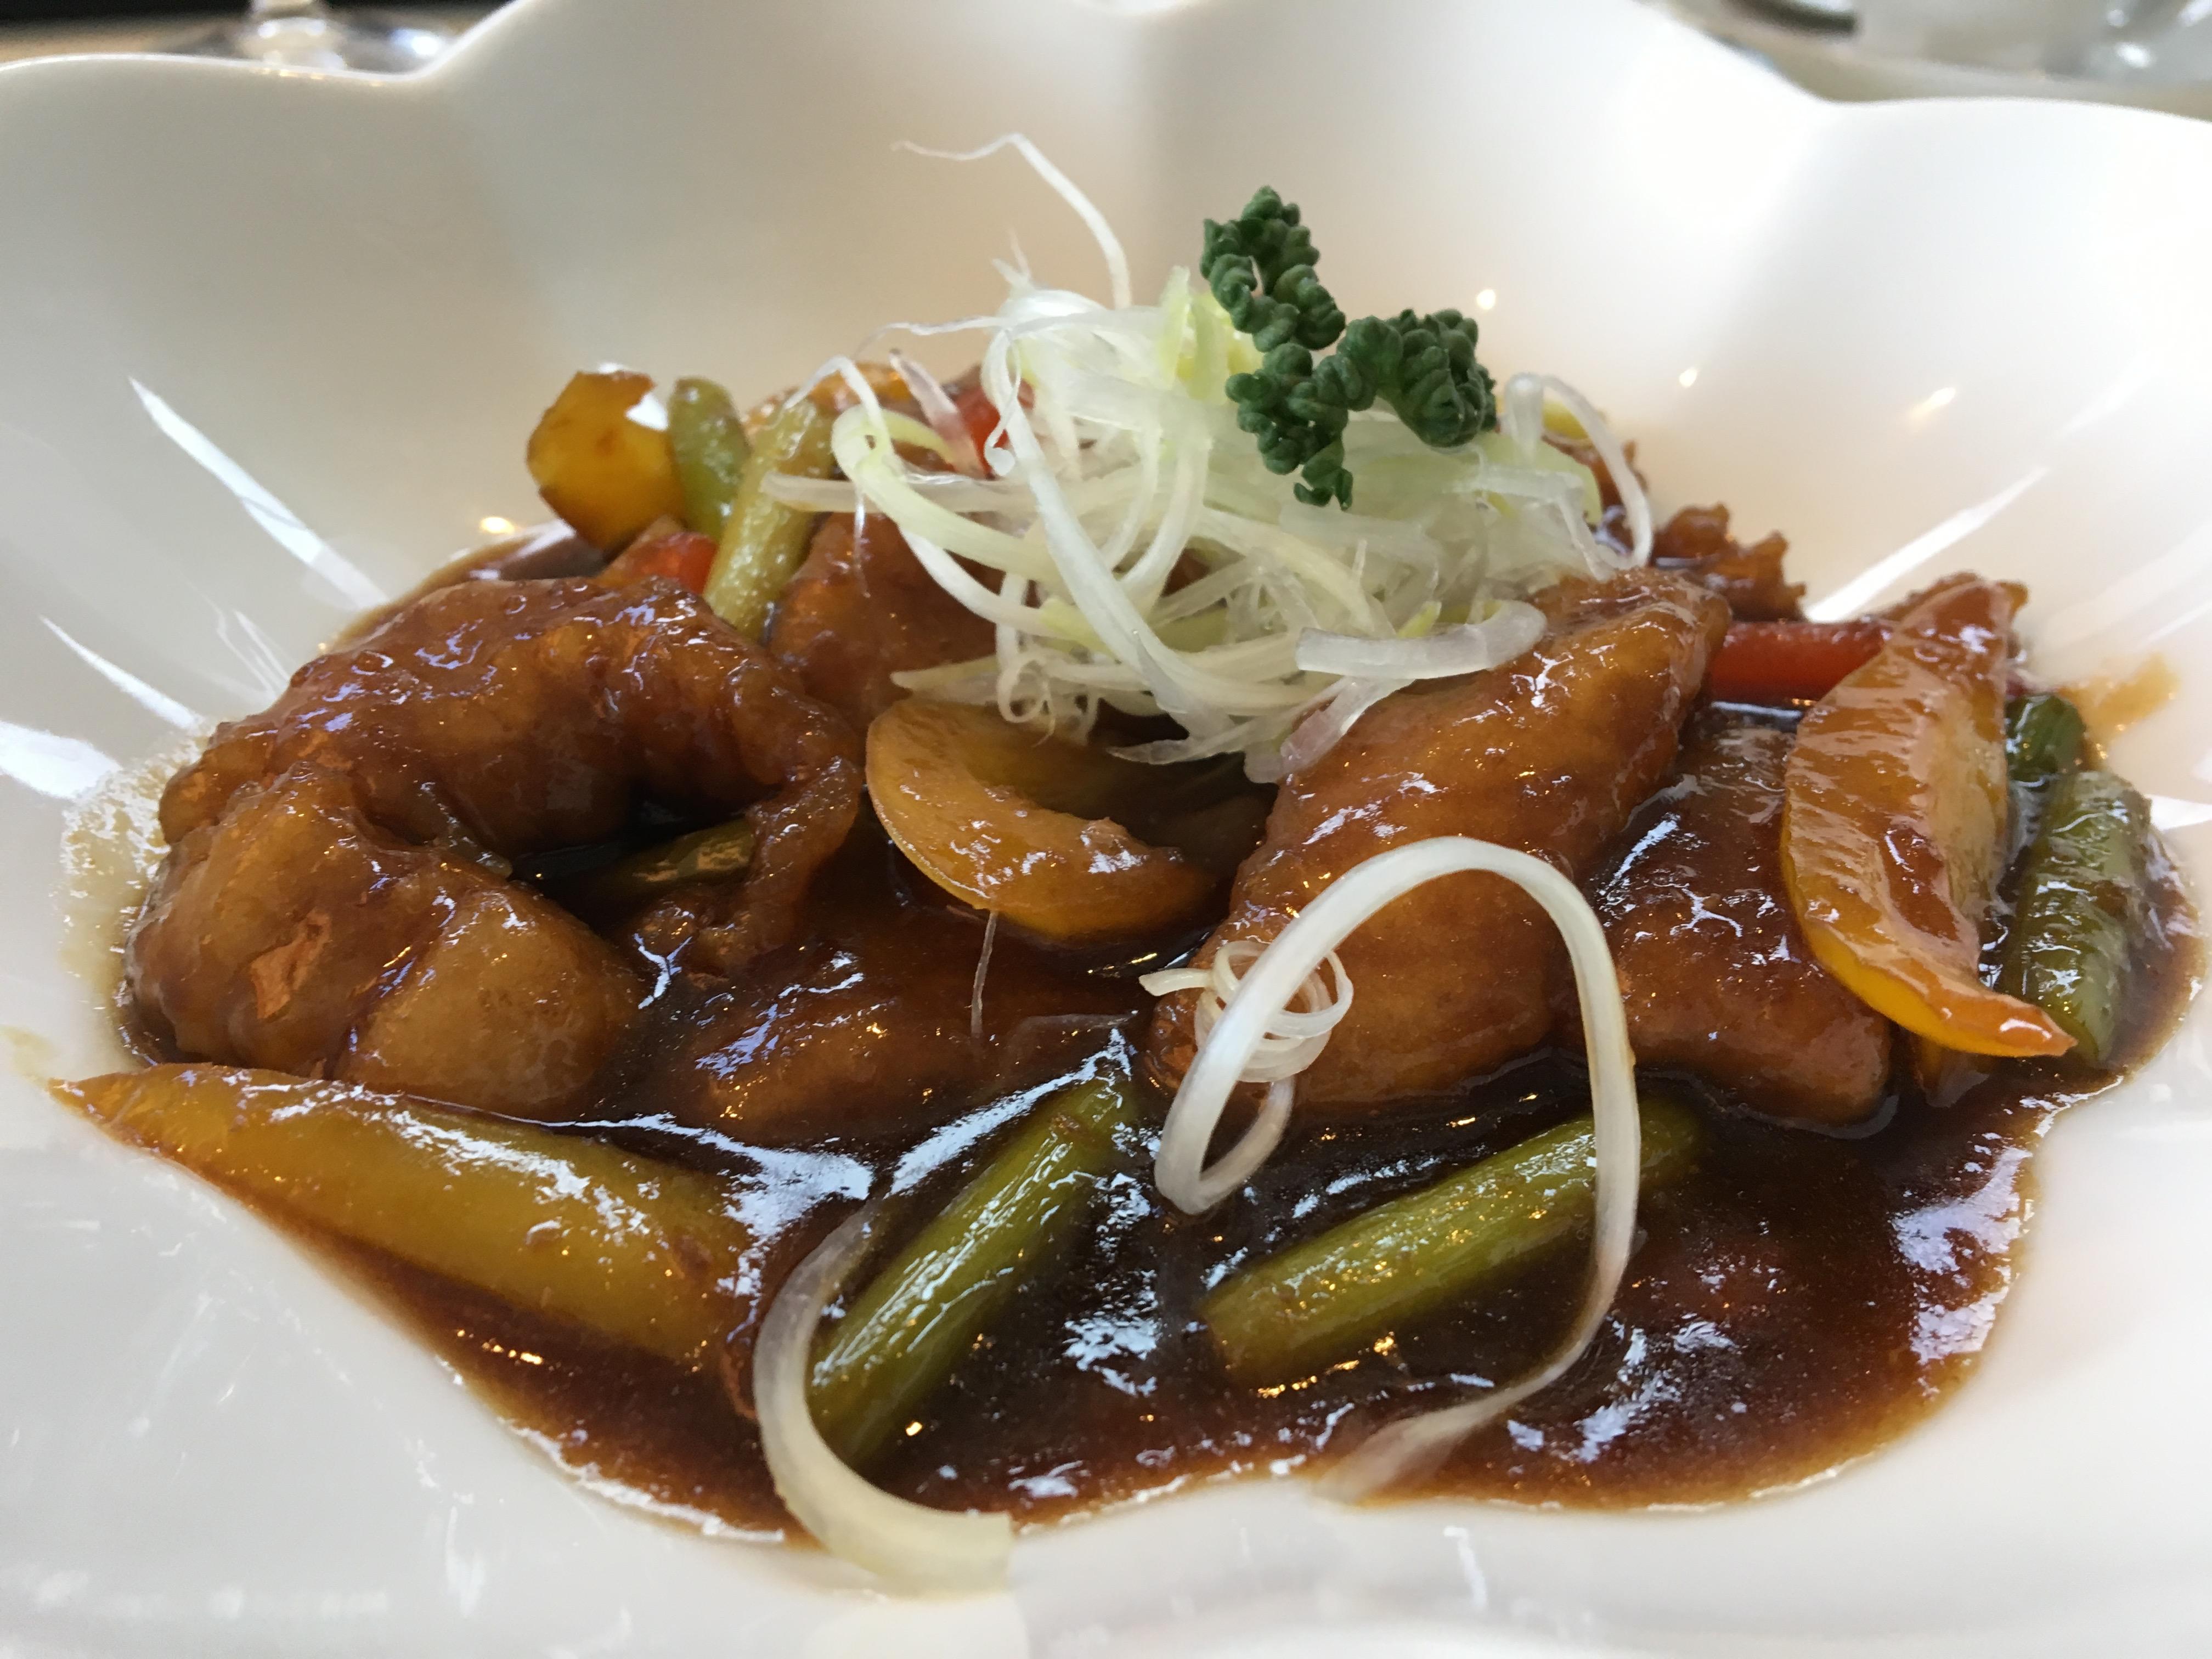 【霧島市】黒酢の郷桷志田で壺畑と桜島を眺めながら美味い黒豚を食べた